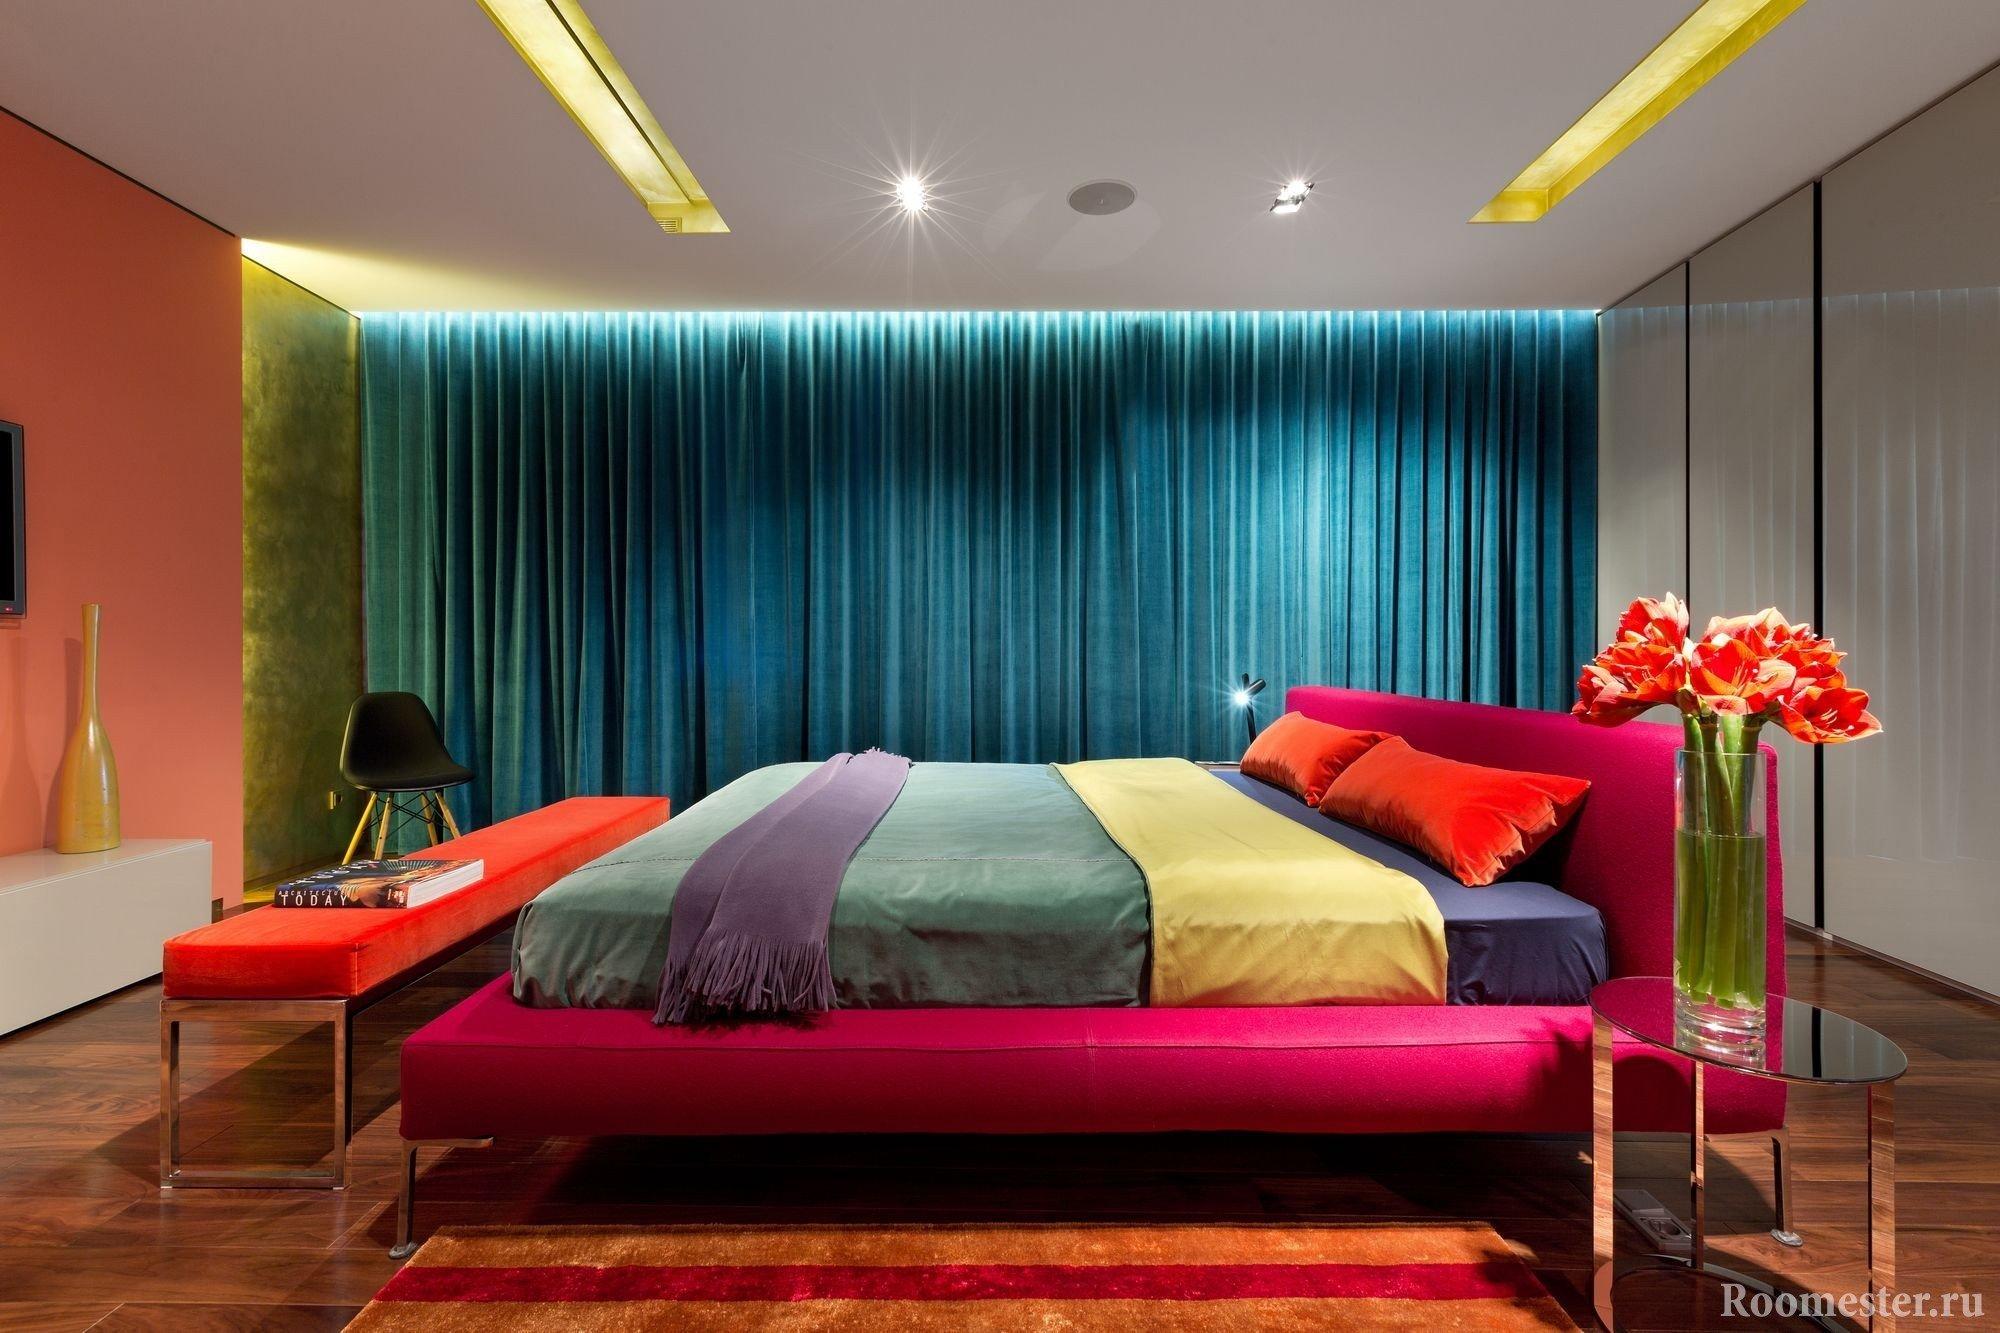 Разноцветный текстиль в интерьере